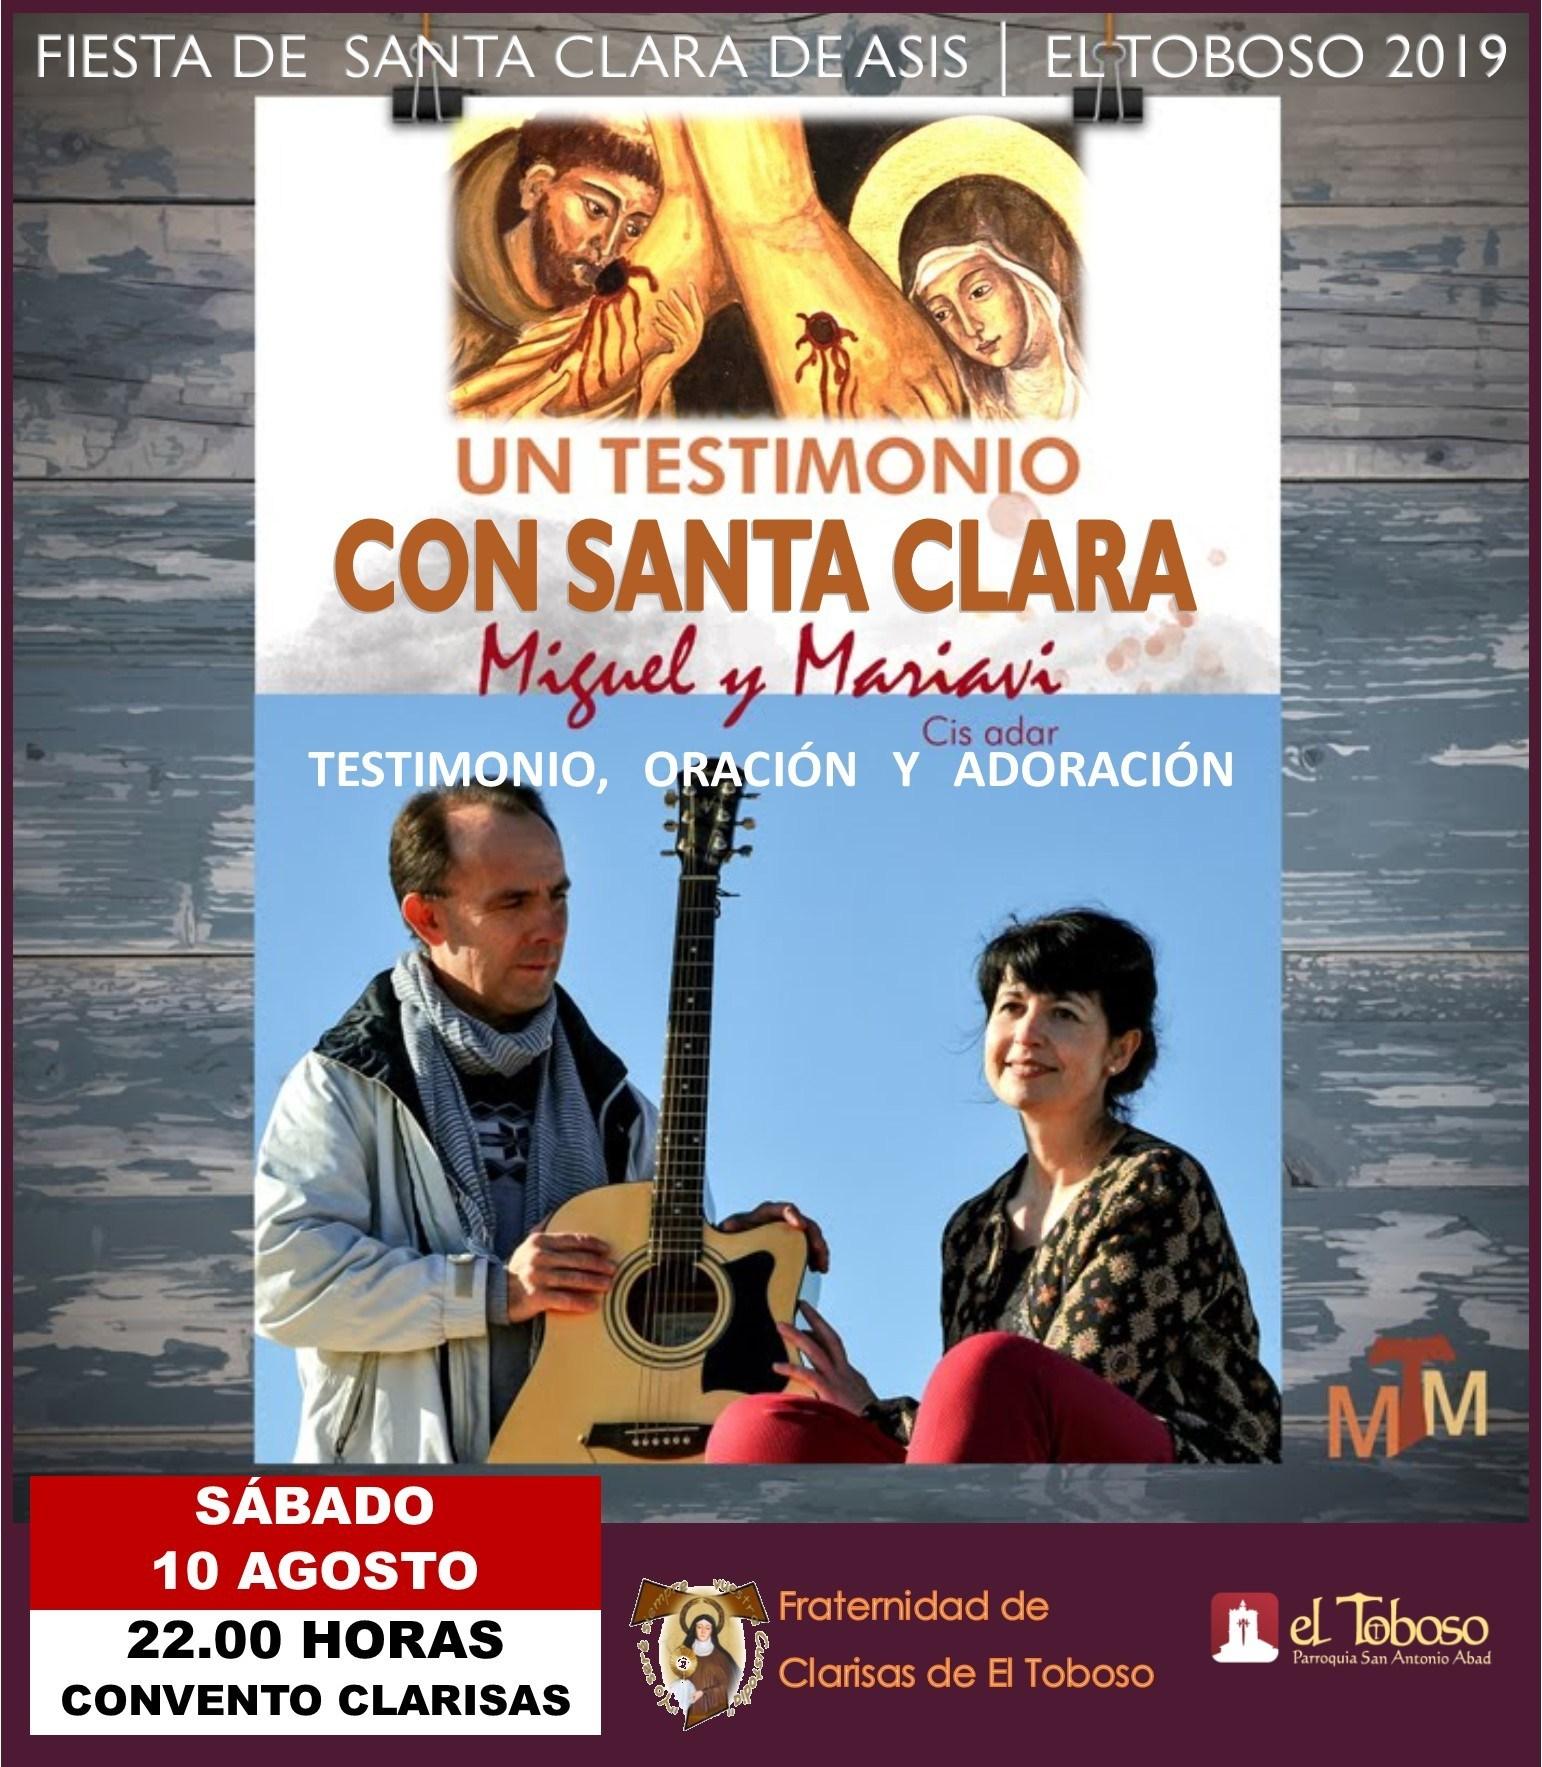 2019 08 10 SANTA CLARA 2019 Concierto de Oración 2019 - Concierto testimonio de Cis Adar en El Toboso